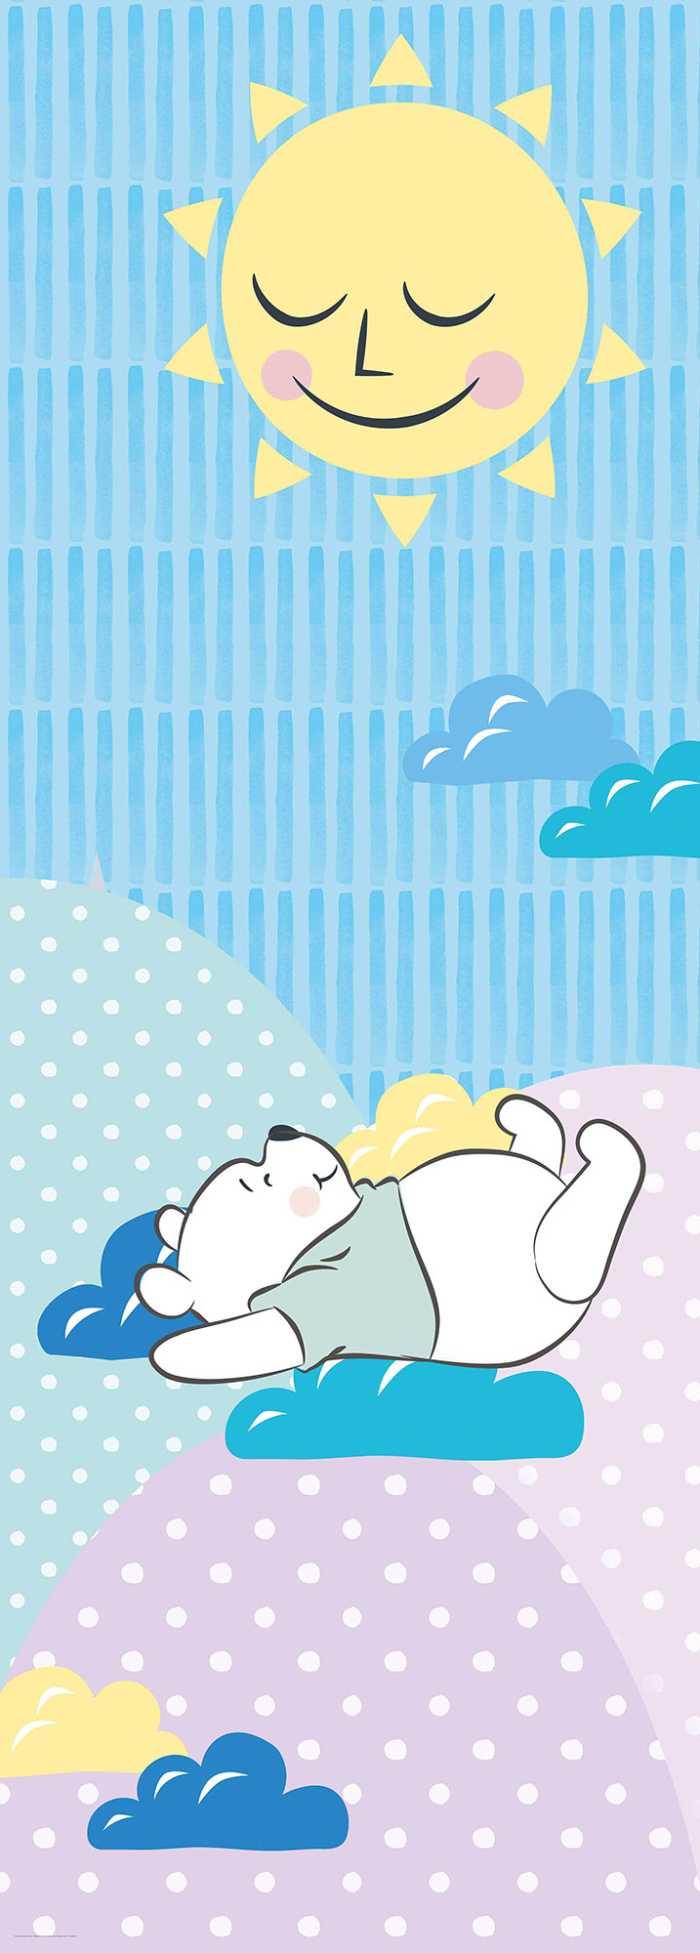 Poster XXL impression numérique Winnie Pooh Take a Nap